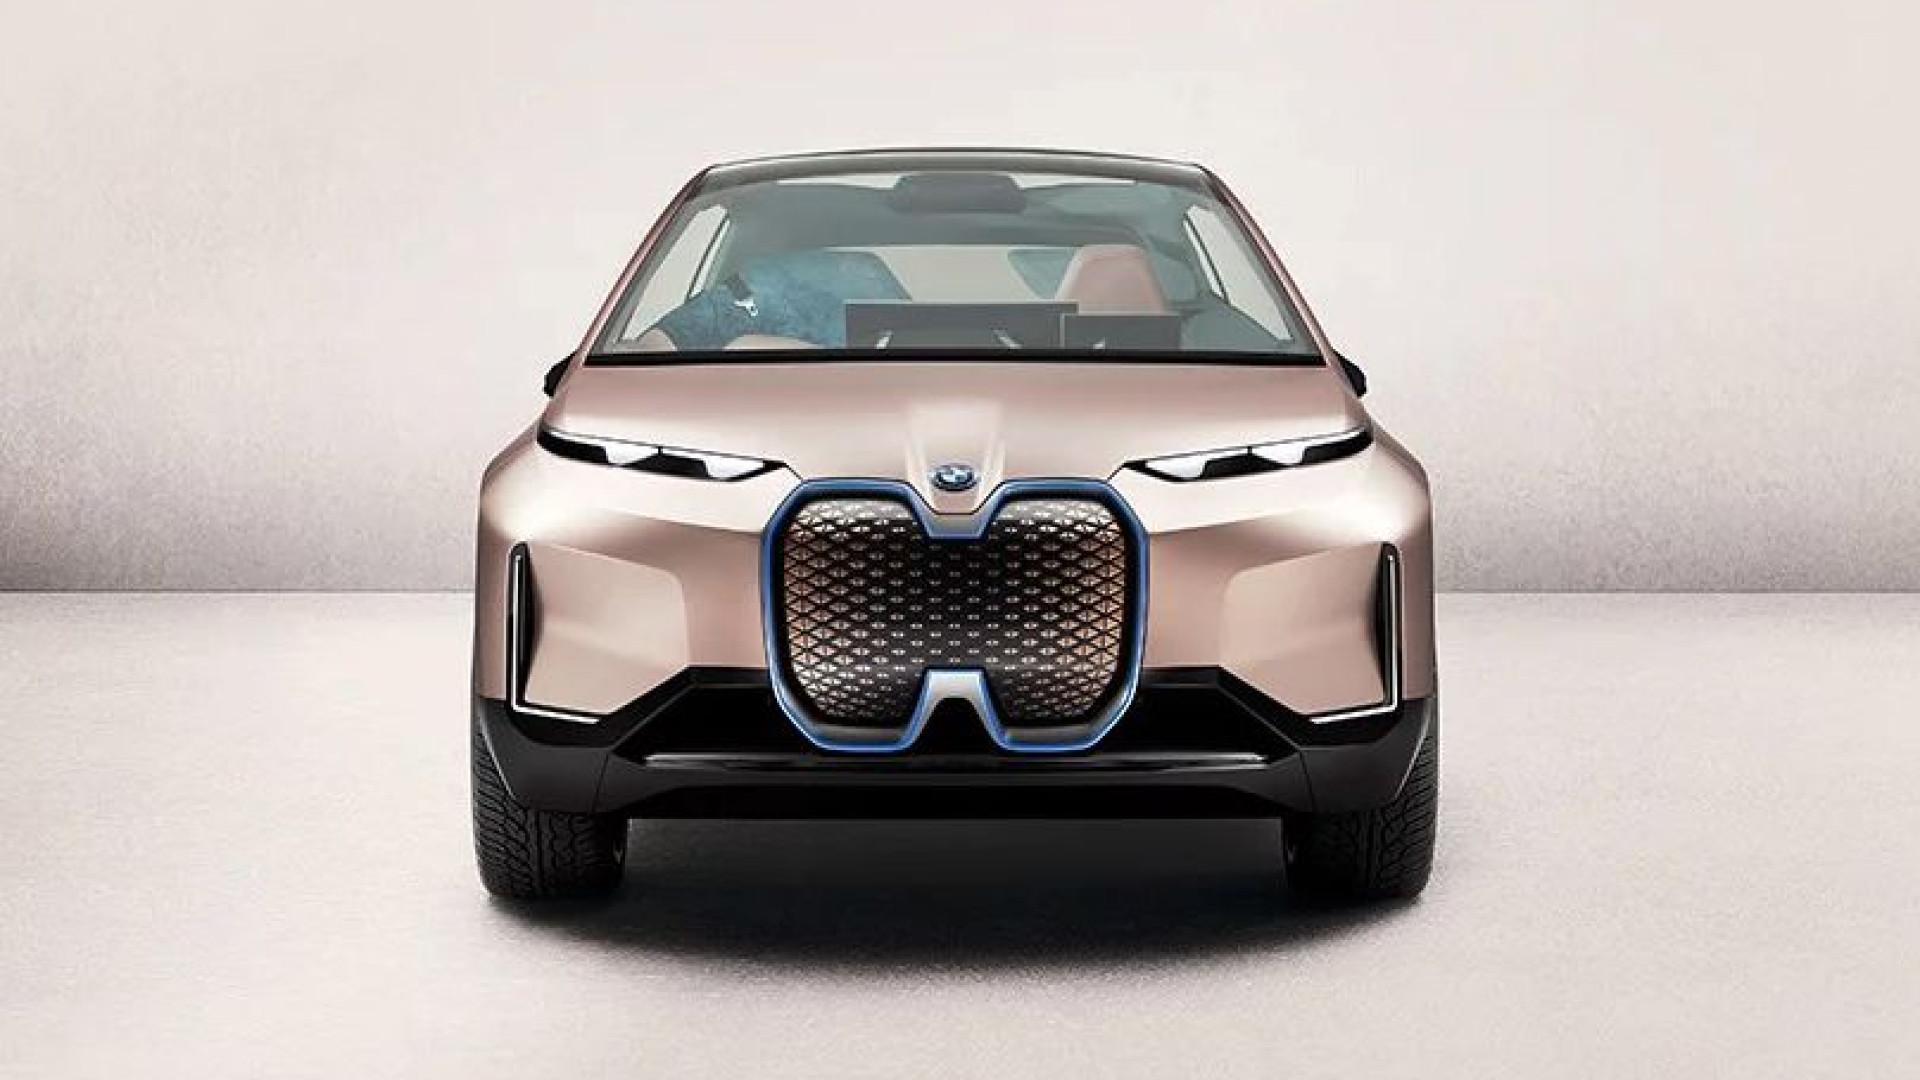 BMW partilha novas imagens do seu futurista iNEXT